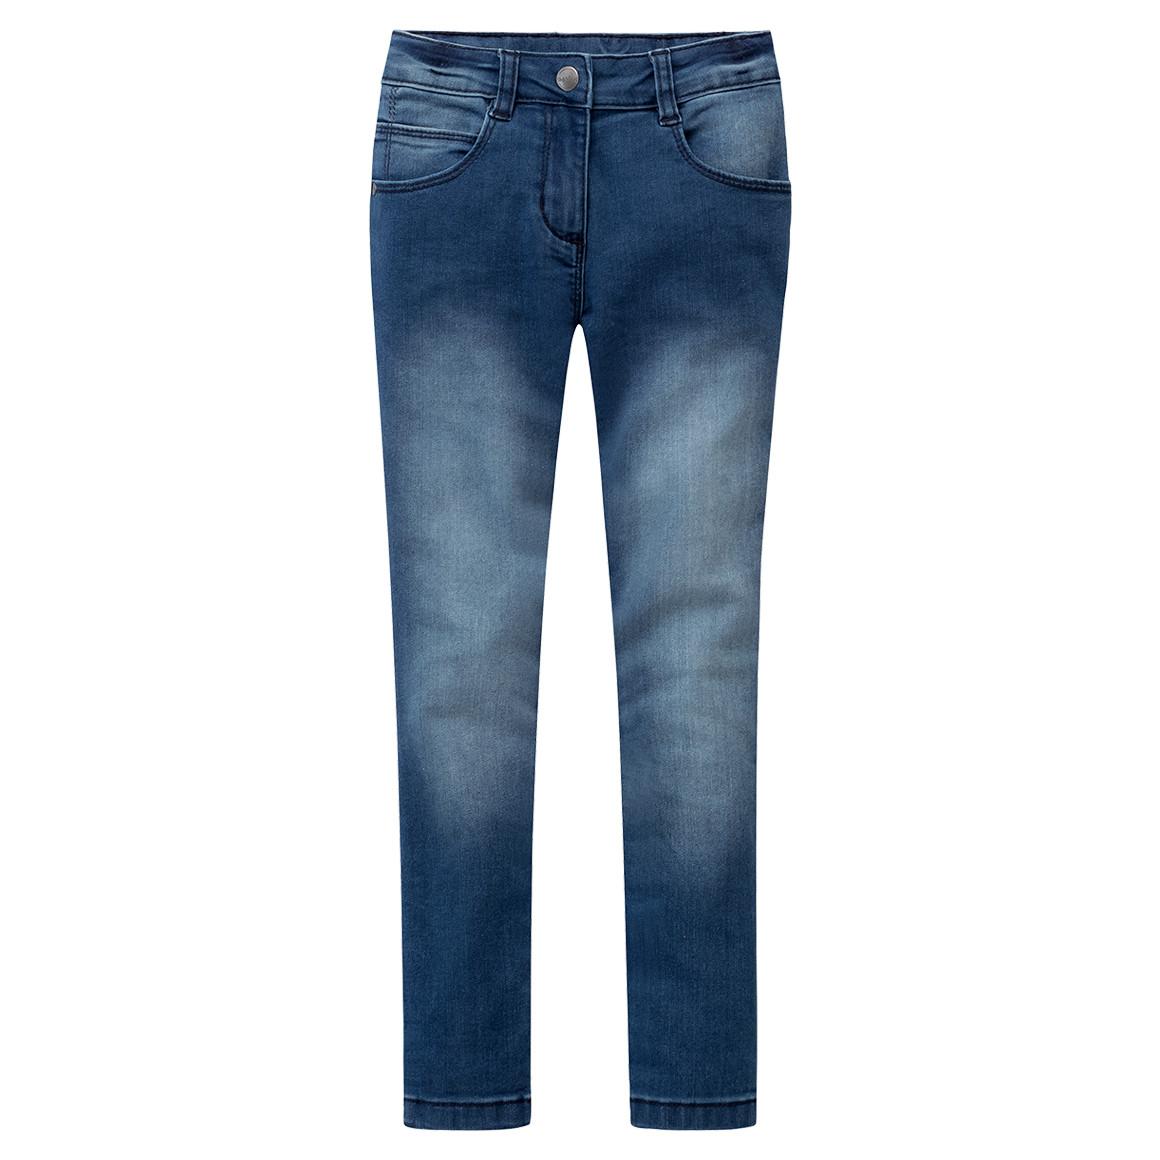 Mädchen Jeans mit Stickereien